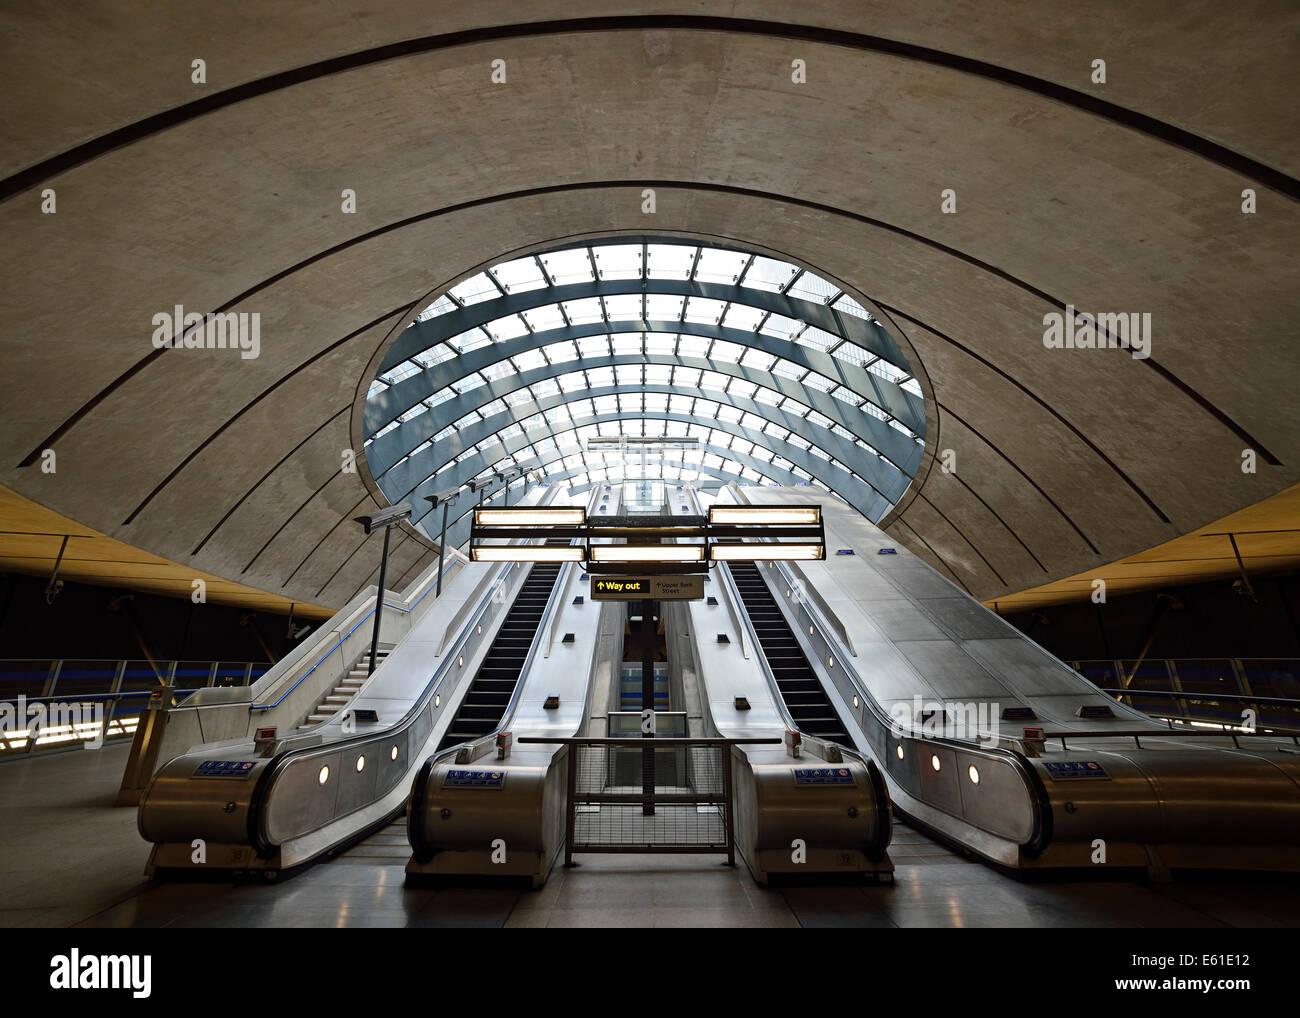 Canary Wharf Underground Station, East Entrance. London, UK. - Stock Image